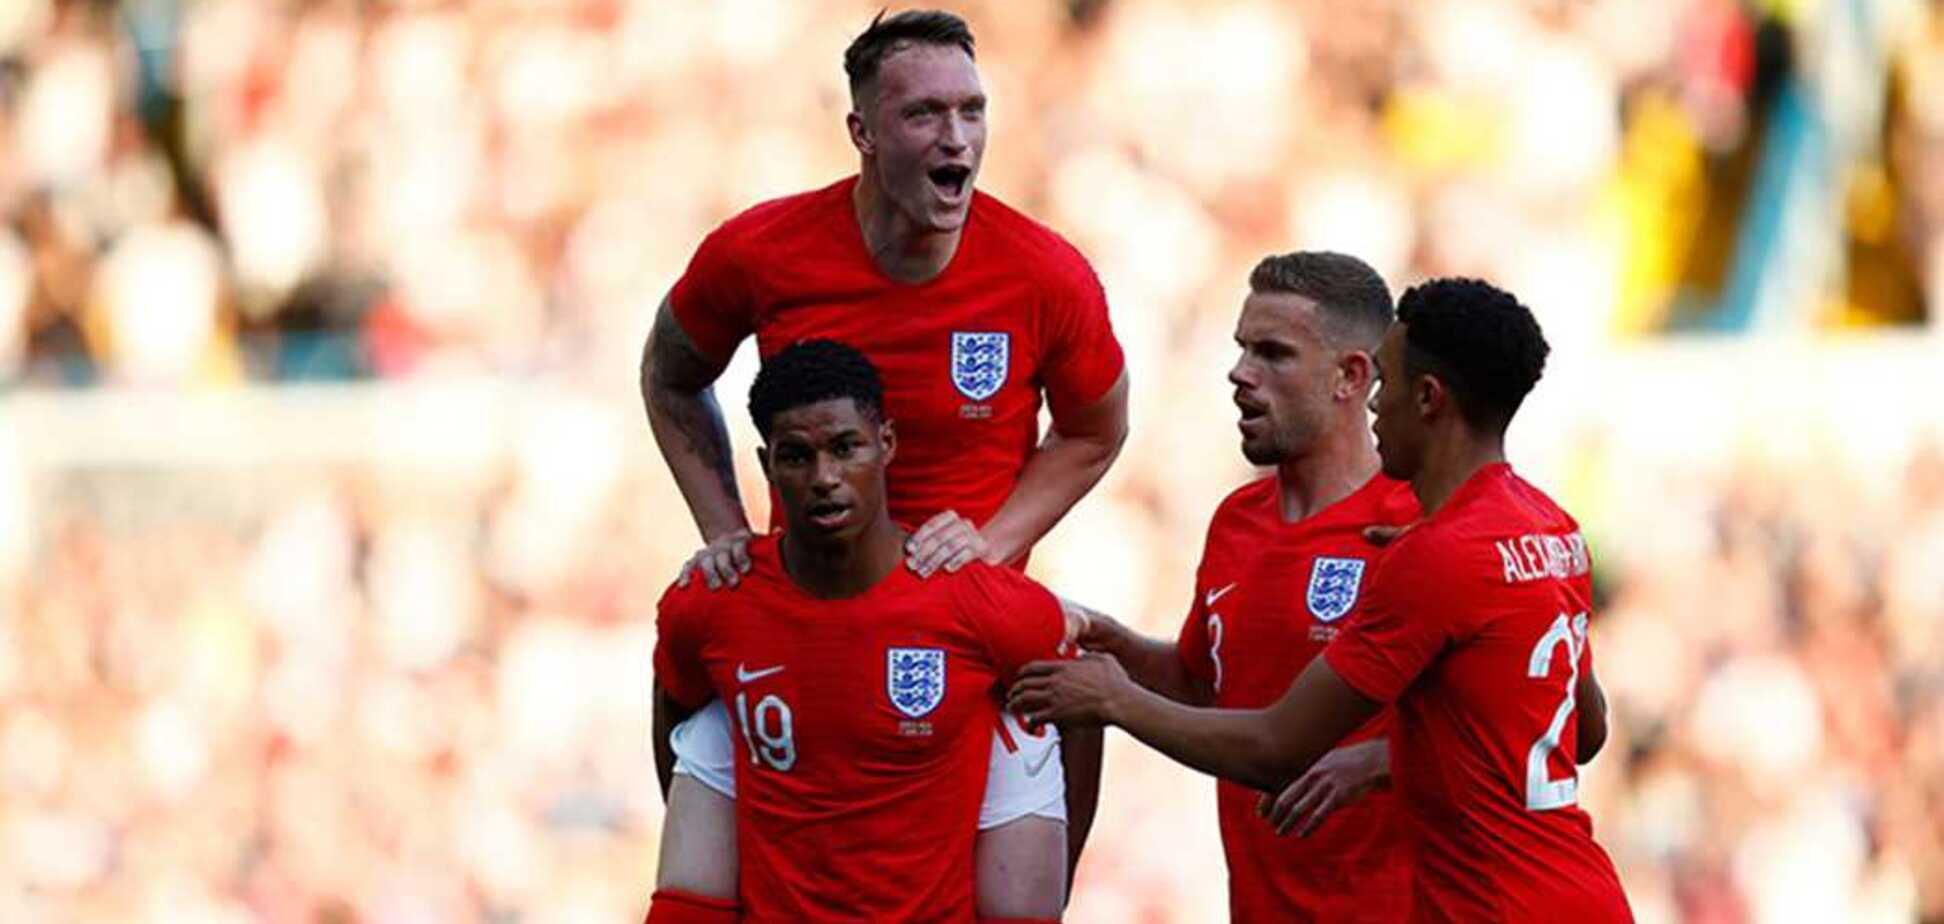 Это невозможно! Англия выиграла спарринг перед ЧМ-2018, положив два нереальных гола: видеофакт